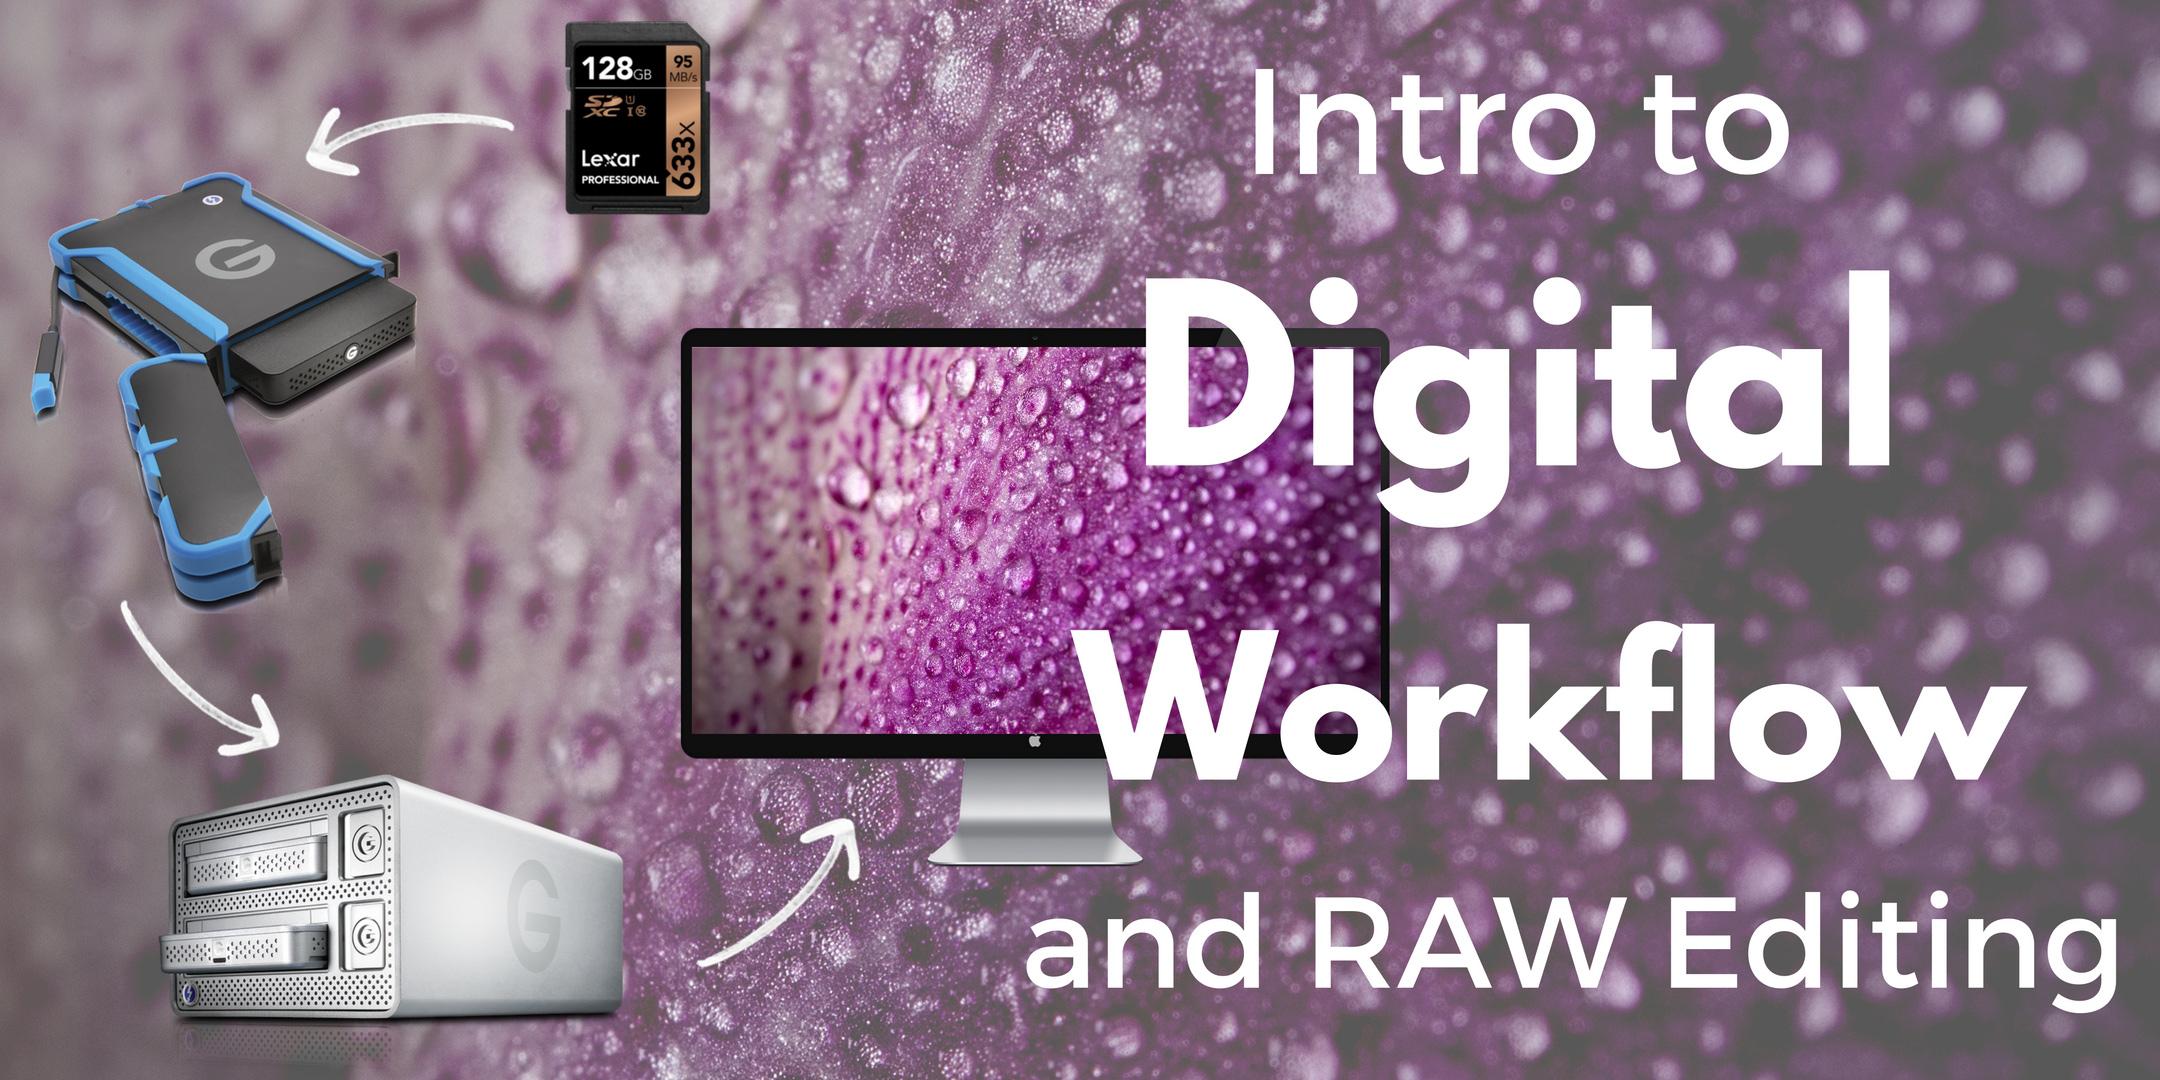 Intro to Digital Workflow with TJ Hansen